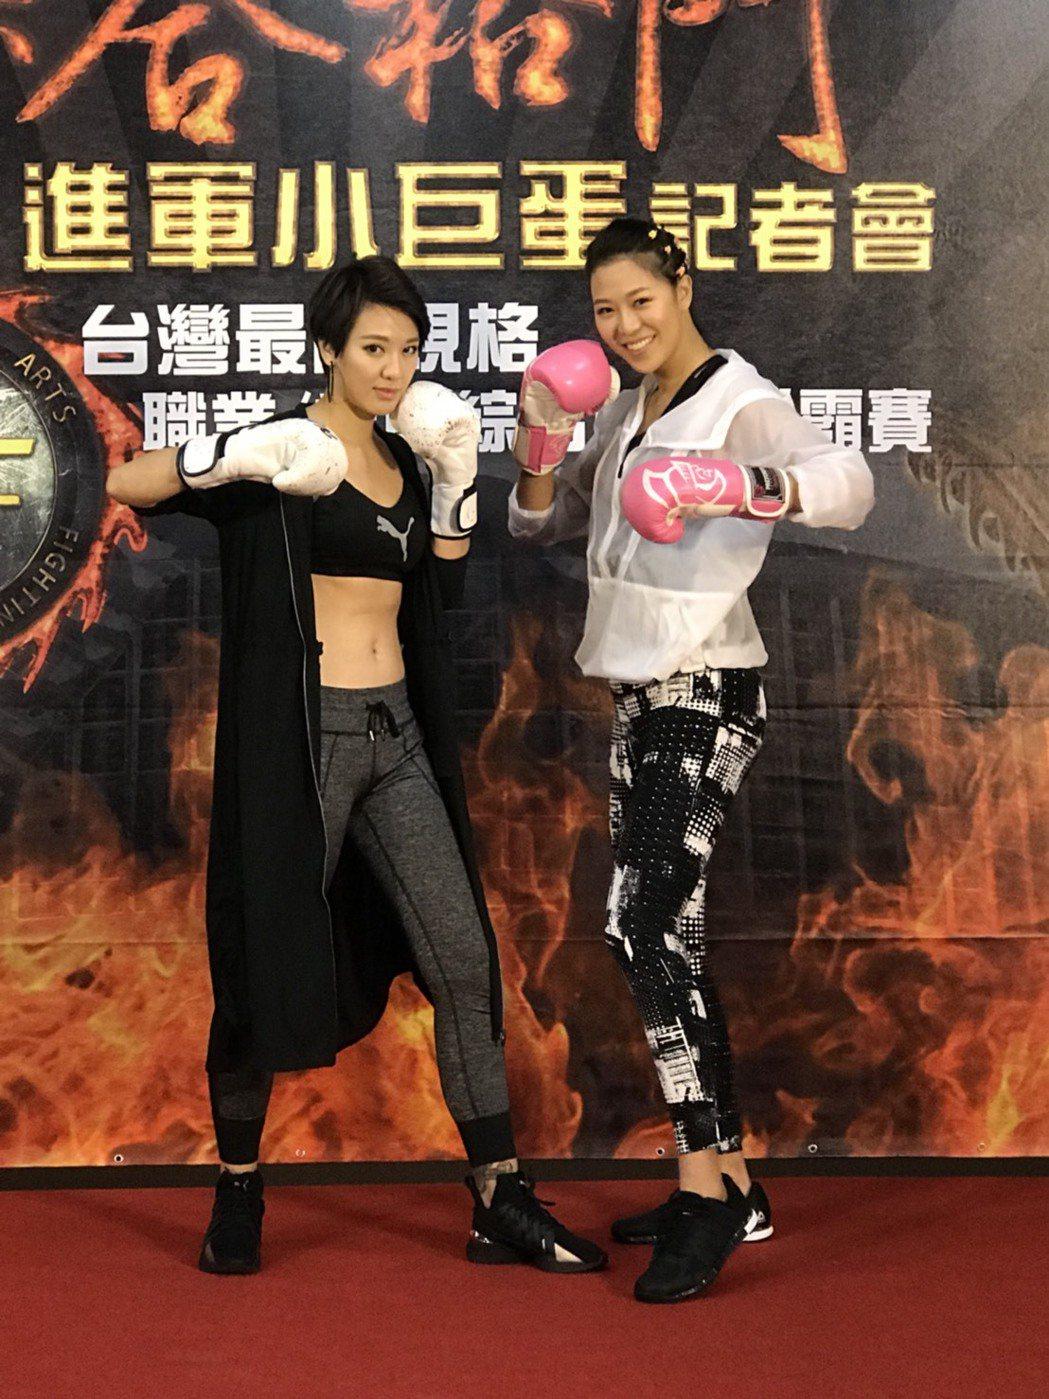 RFC猛龍過江職業綜合格鬥爭霸賽邀請名模林又立(右)、劉雨柔(左)擔任形象大使。...